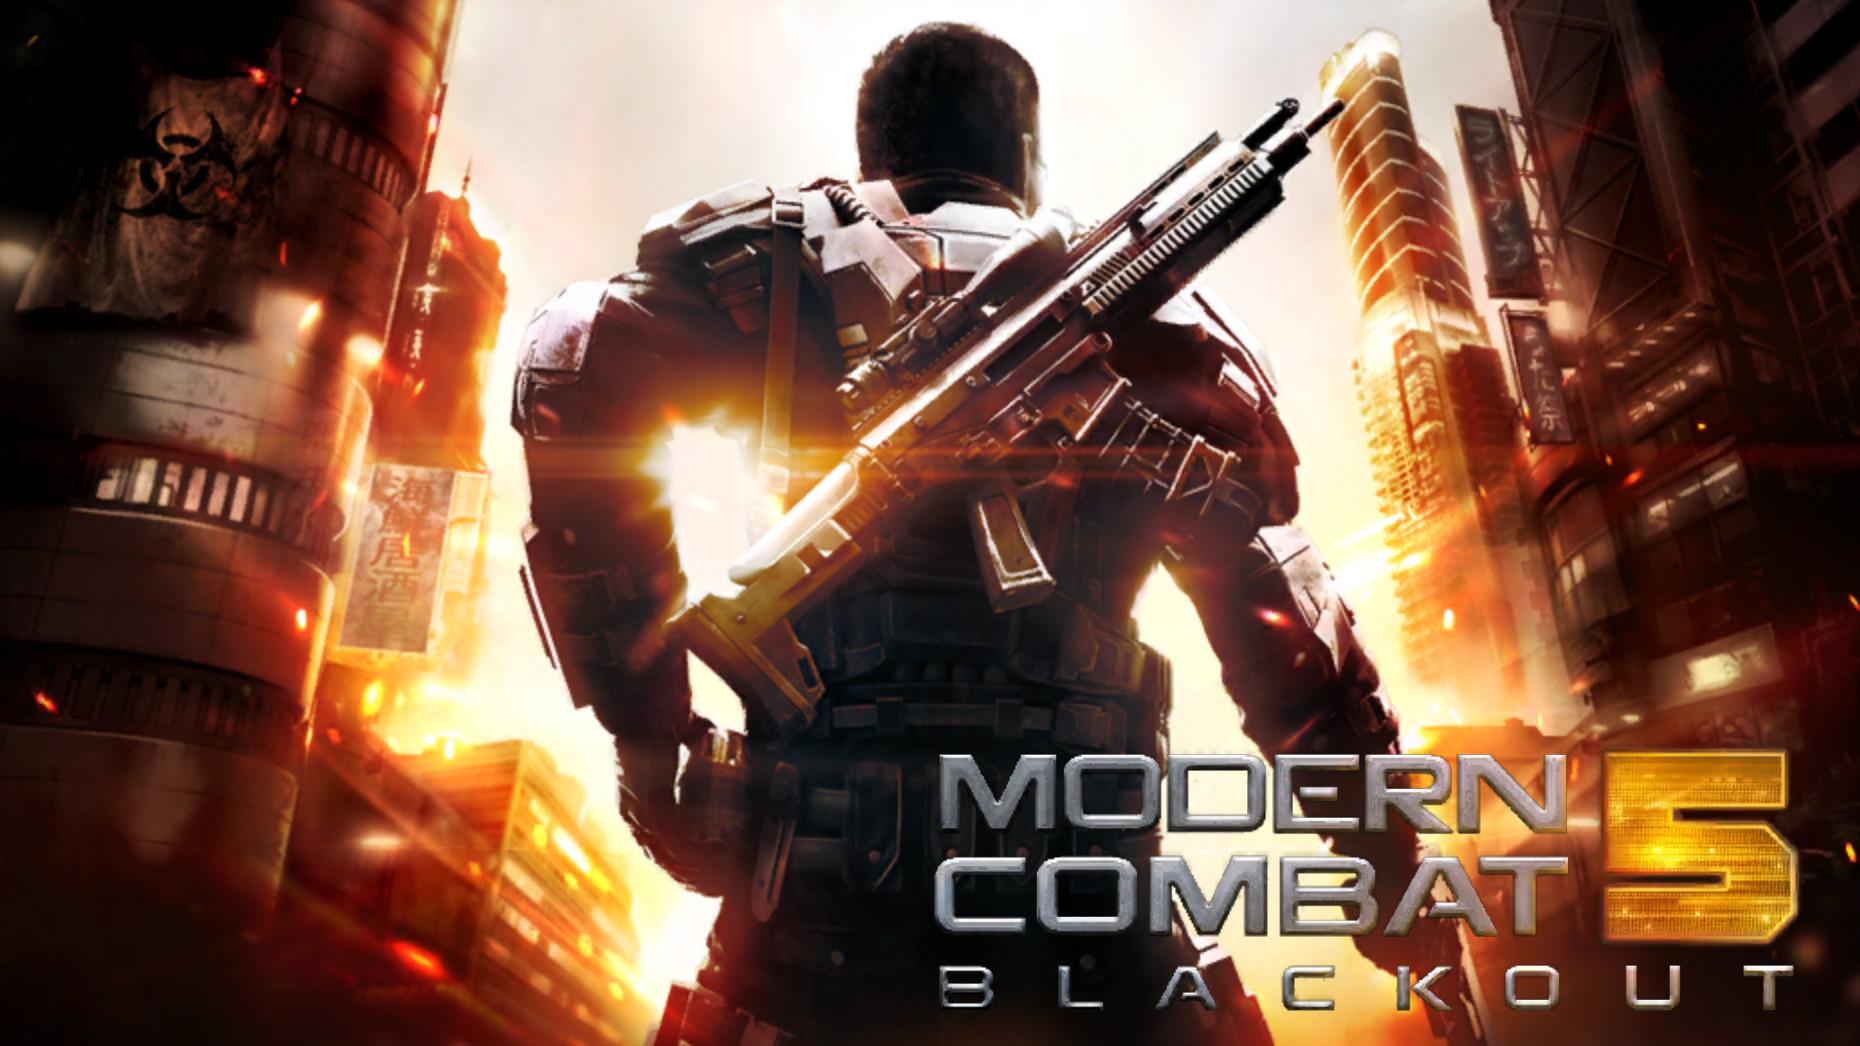 Скачать modern combat 5 на компьютер.